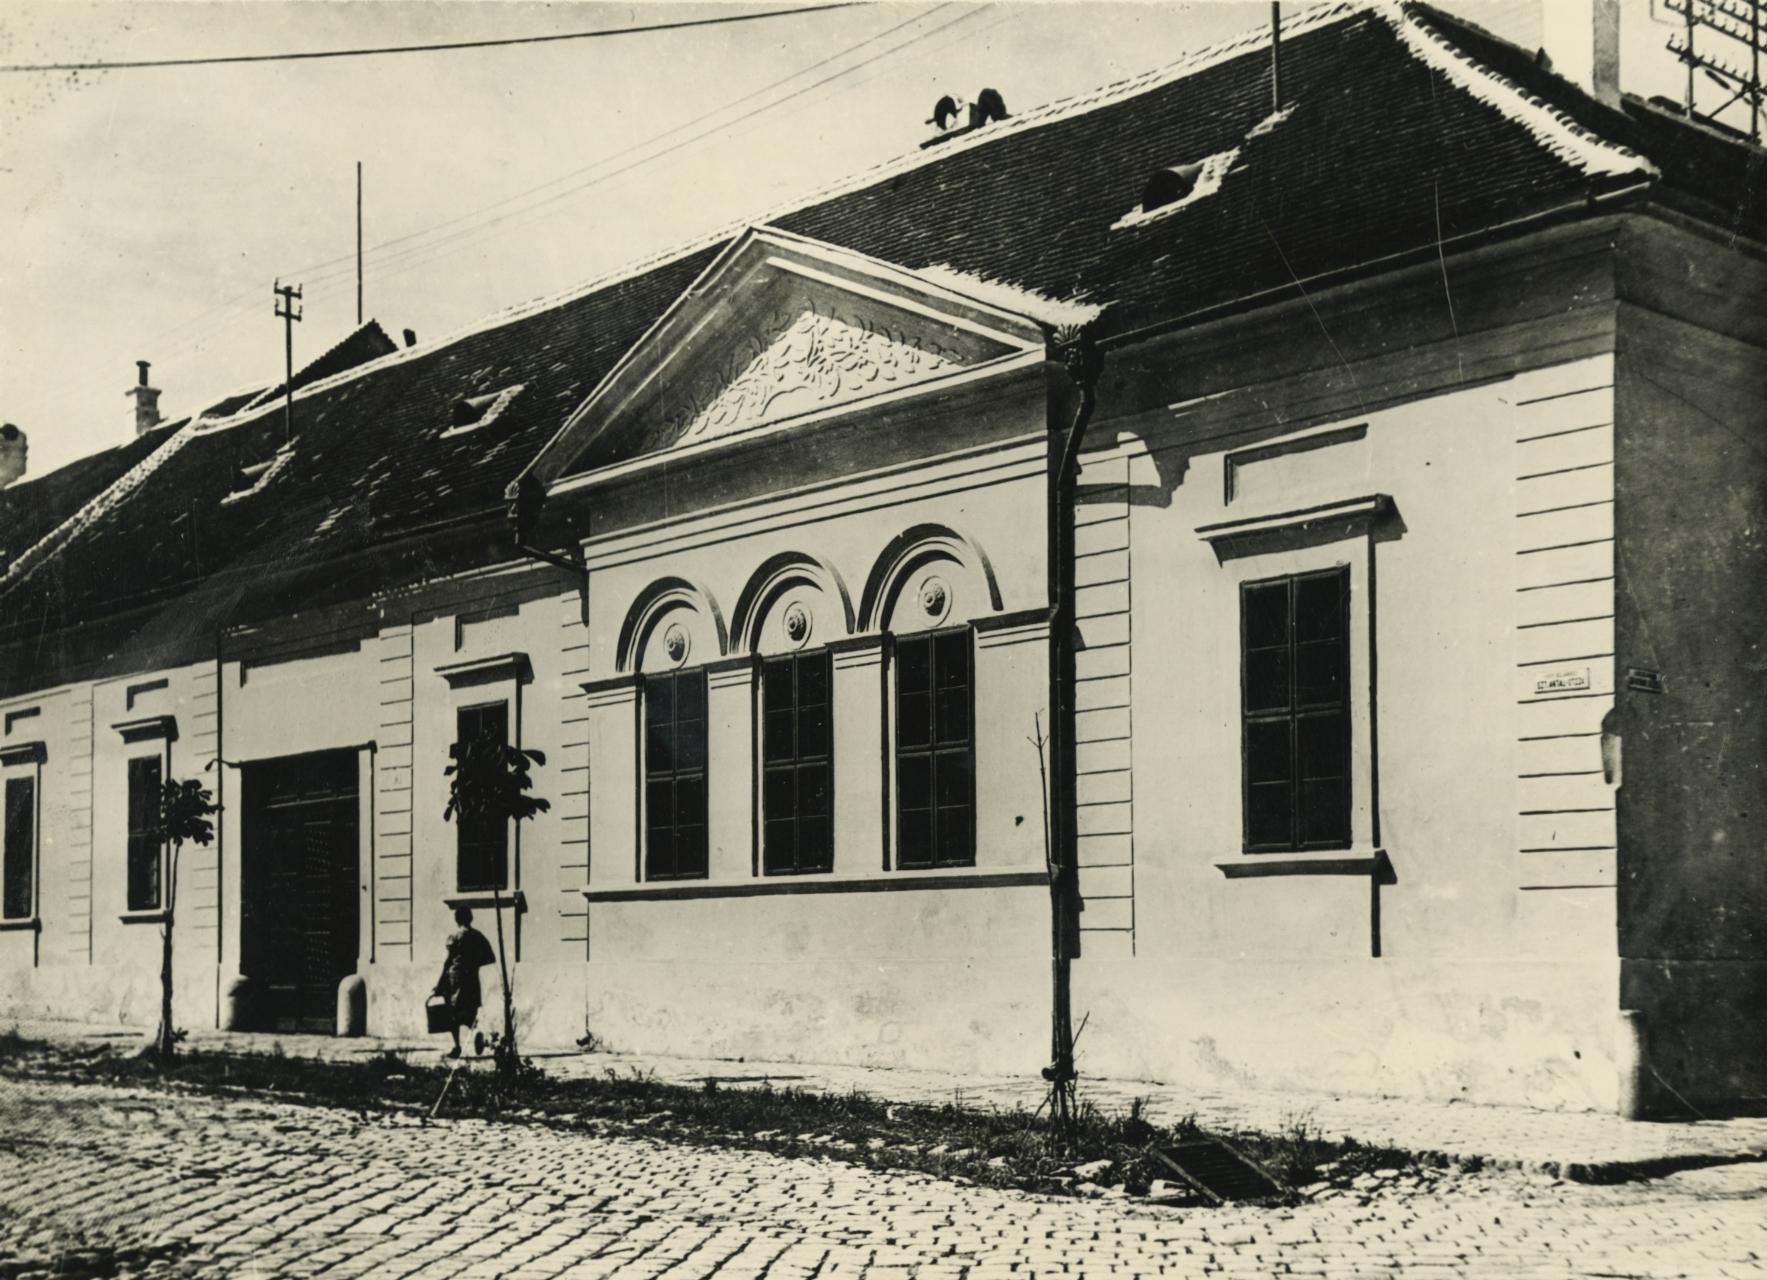 A bajai Szt. Antal utca és Damjanich utca sarkán álló lakóház